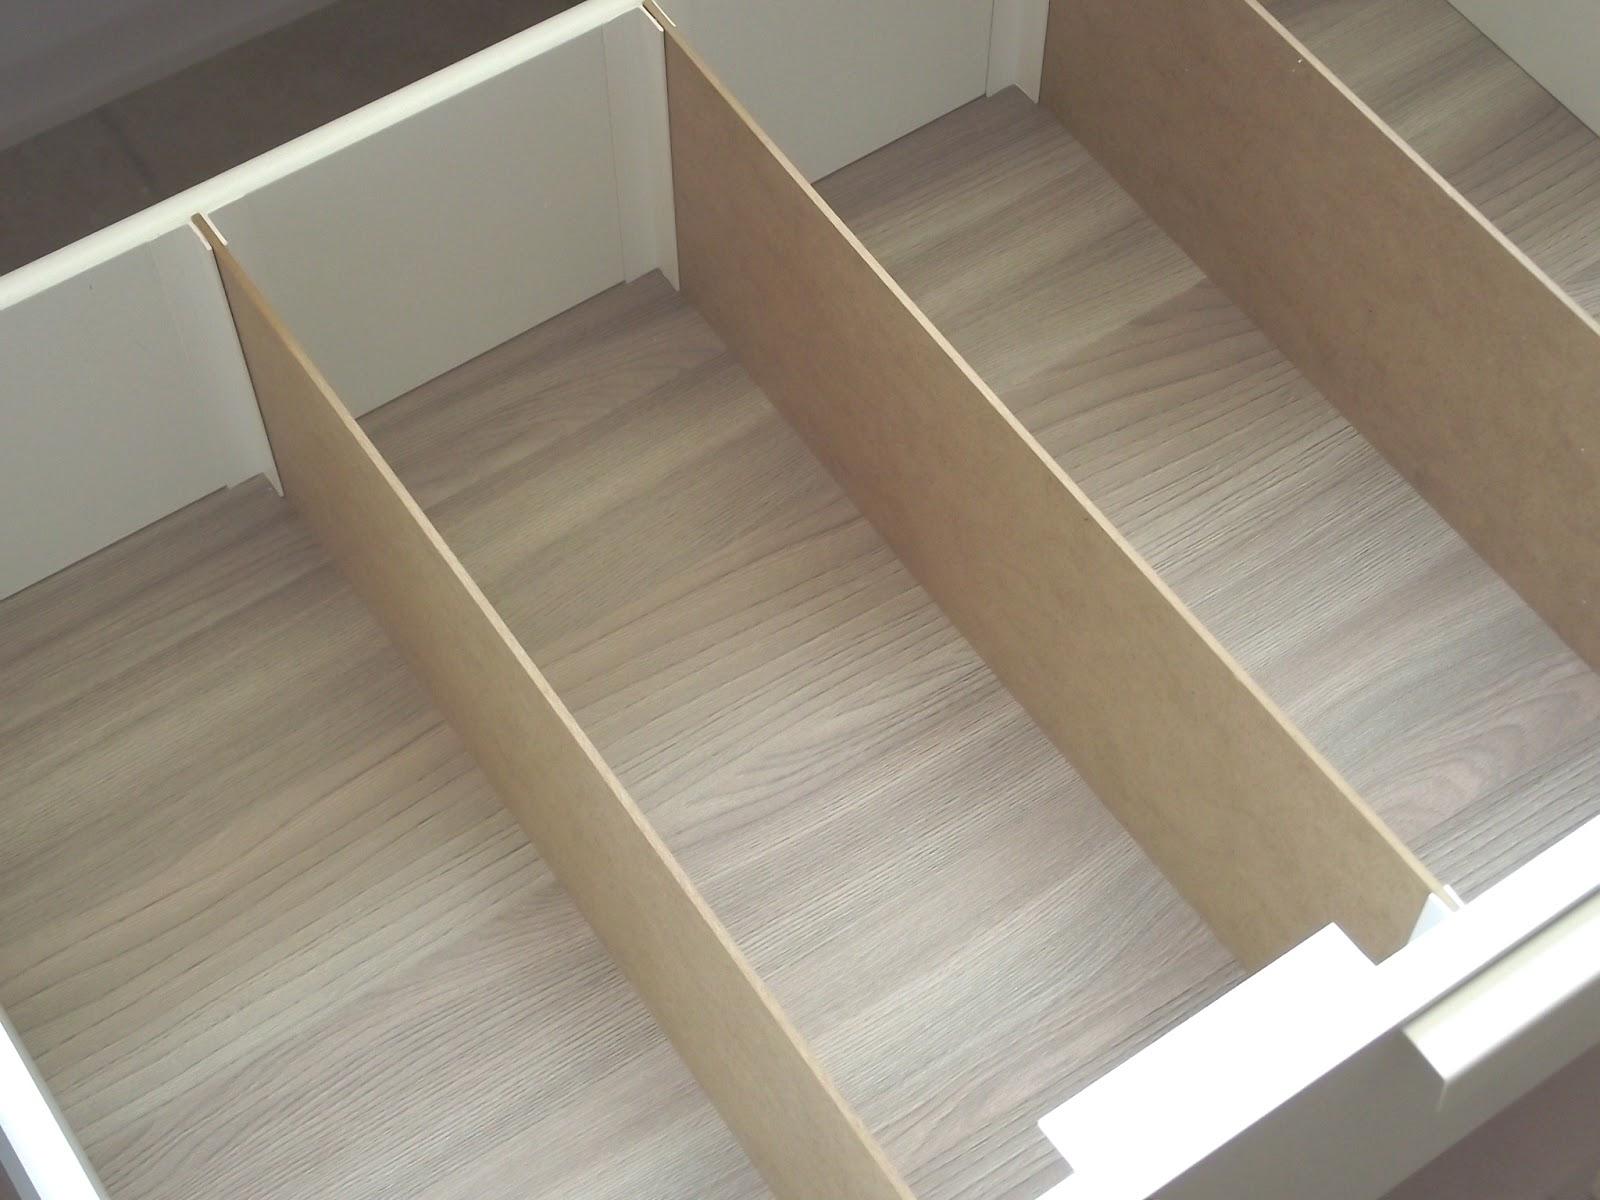 wolle garn und fadenzauber projekt hobbyraum schr nke und regale. Black Bedroom Furniture Sets. Home Design Ideas